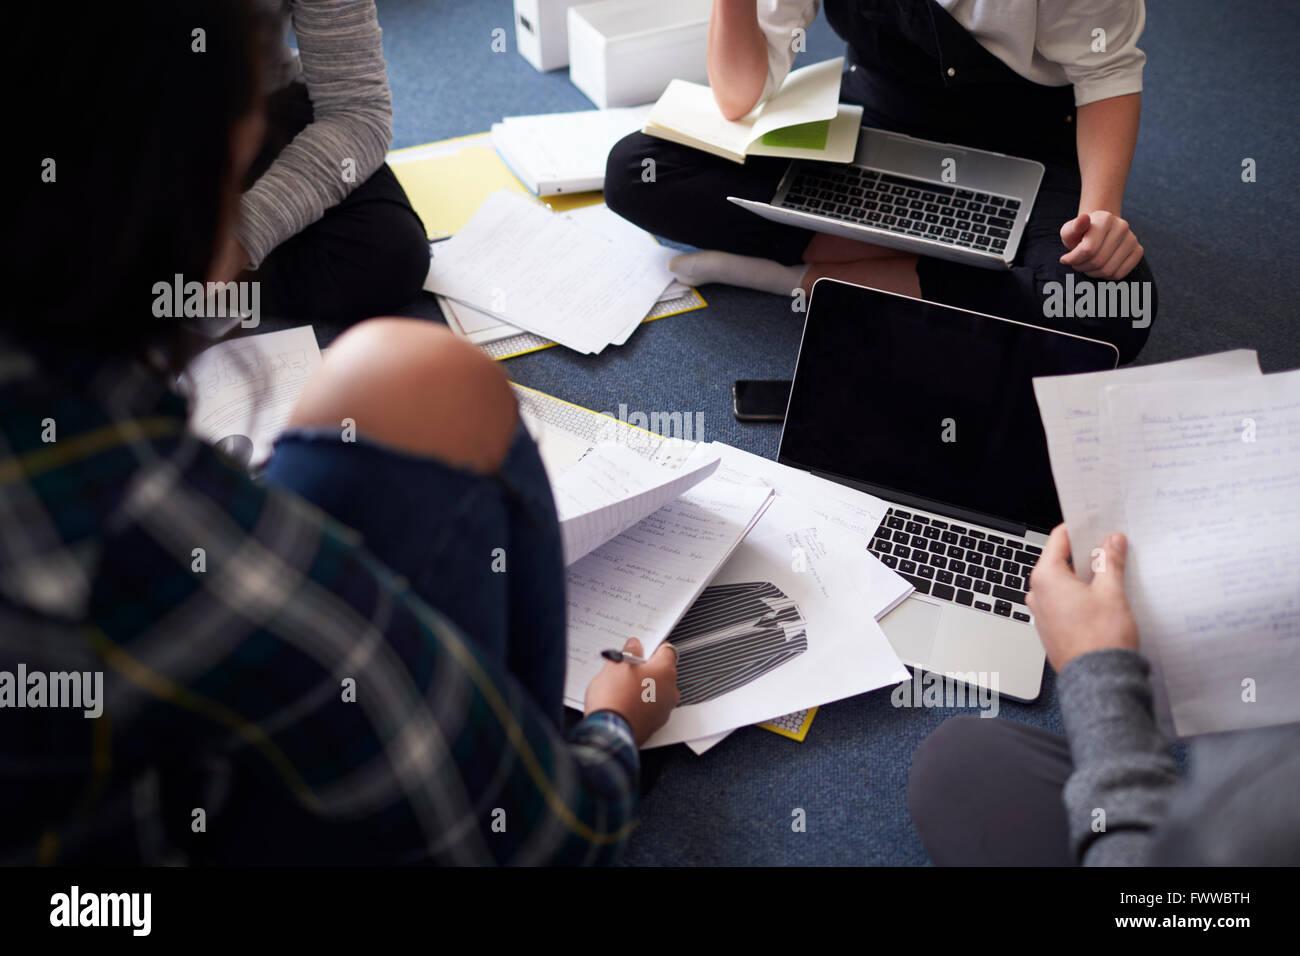 Gruppo di studenti di collaborare su progetto insieme Immagini Stock